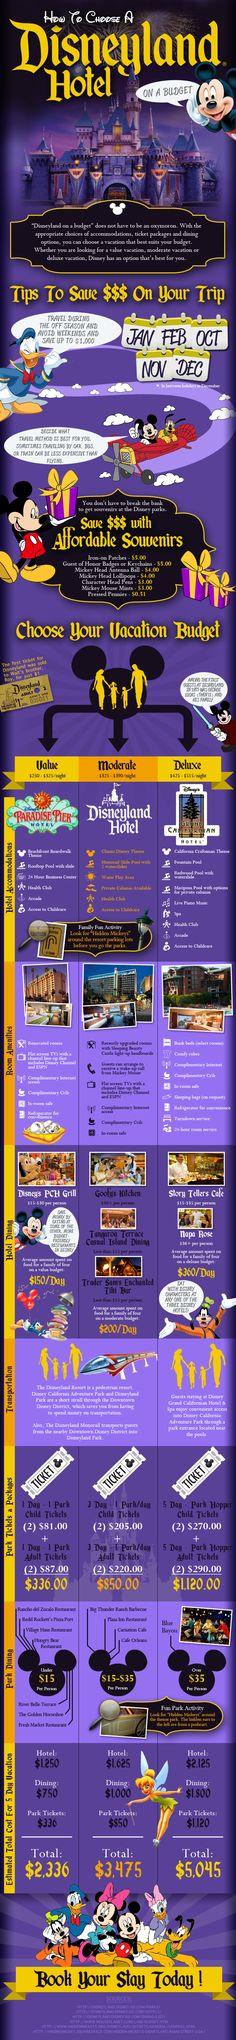 Travel Blog | Hotels US Travel | Hotels.com